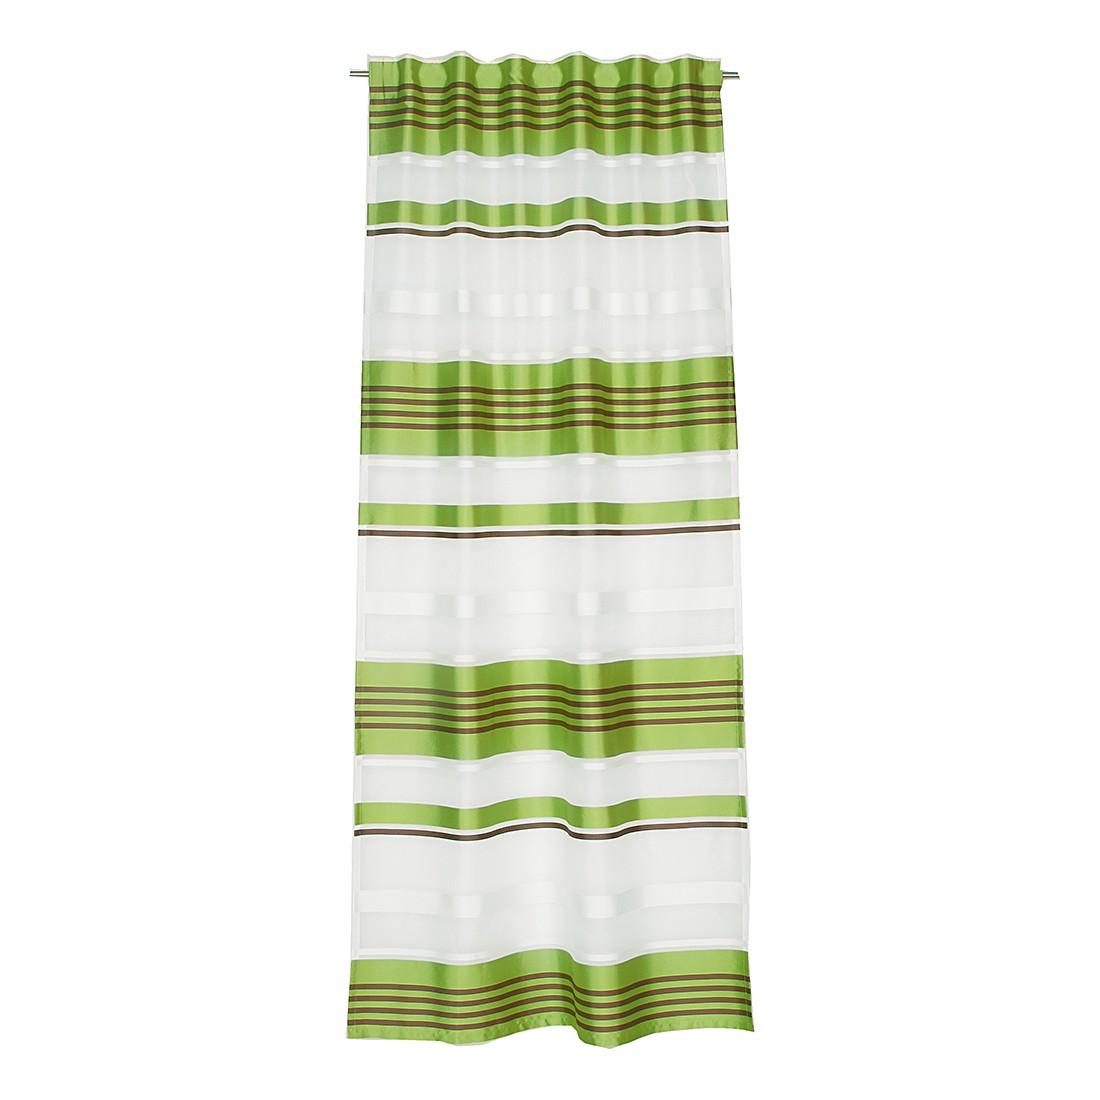 Schal mit verdeckter Schlaufe E-Larga – Grün, Esprit Home günstig